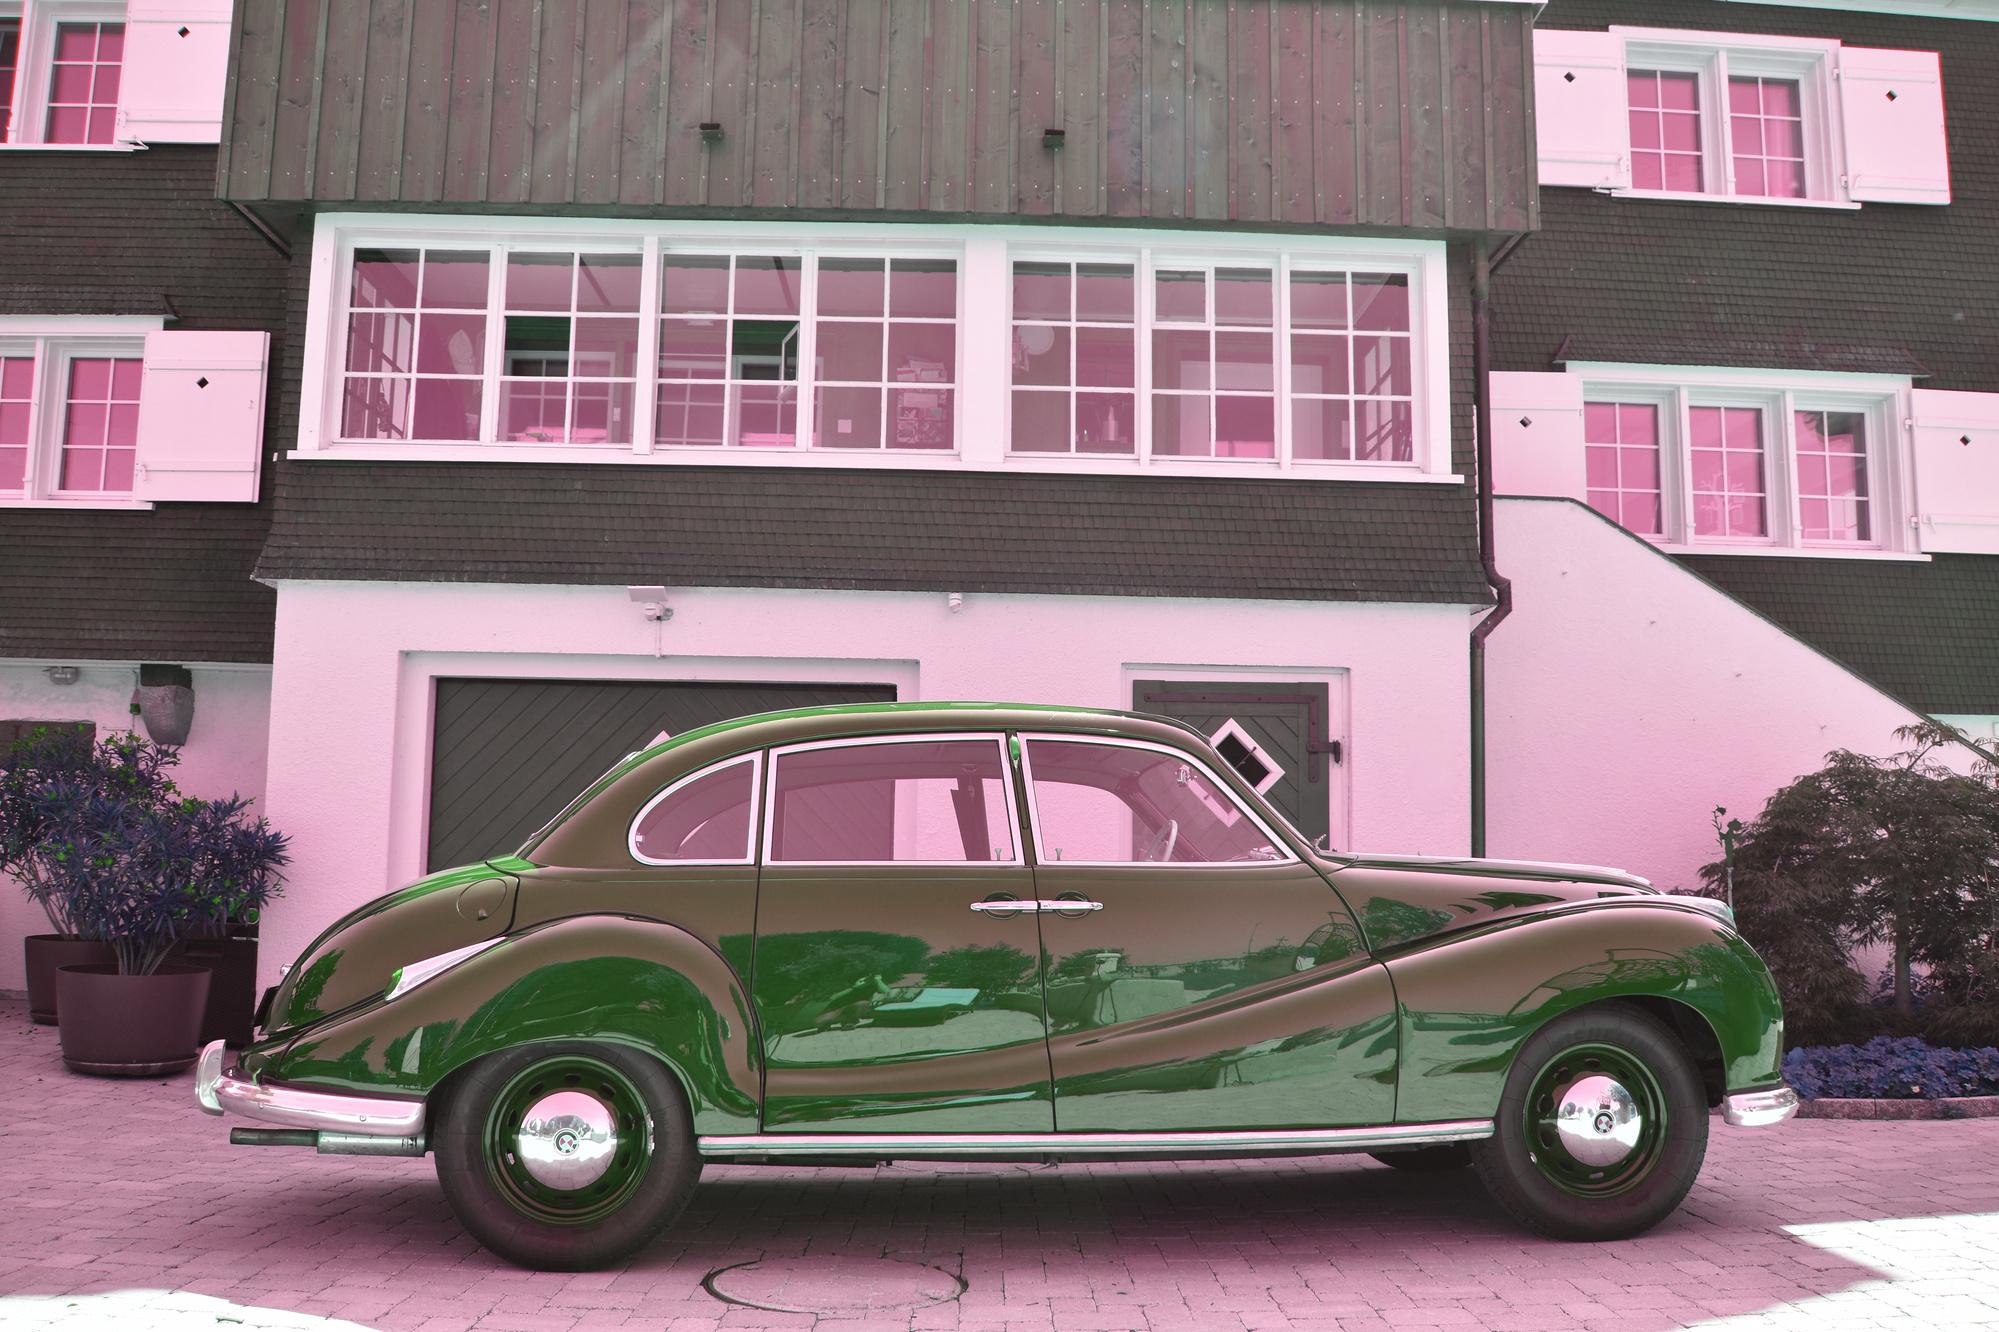 Maron-farbener BMW 501 A Oldtimer aus 1954 in Seitenansicht vor einem historischen Wohngebäude